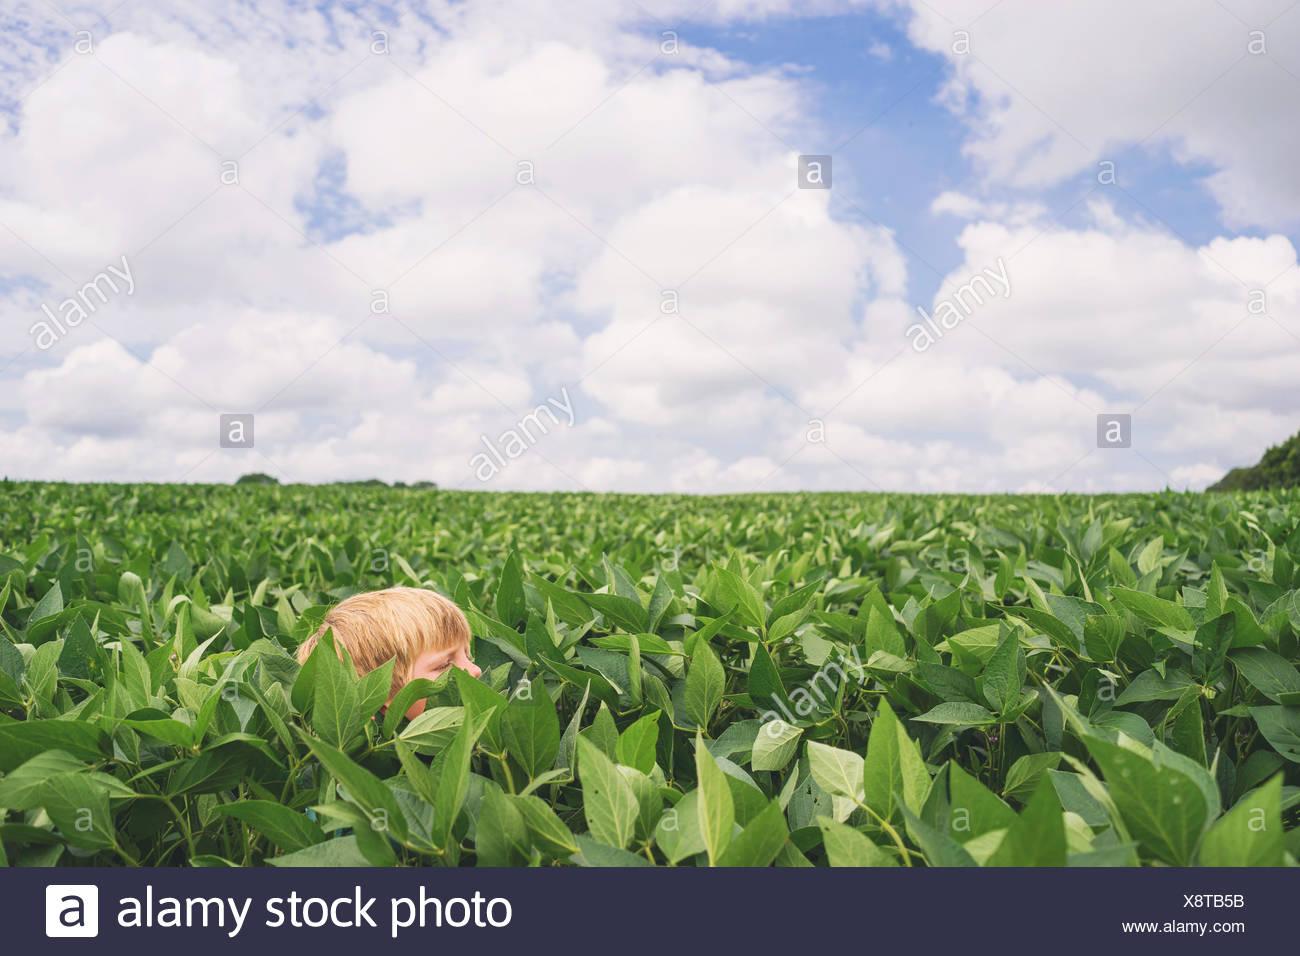 Boy's head in a corn field - Stock Image